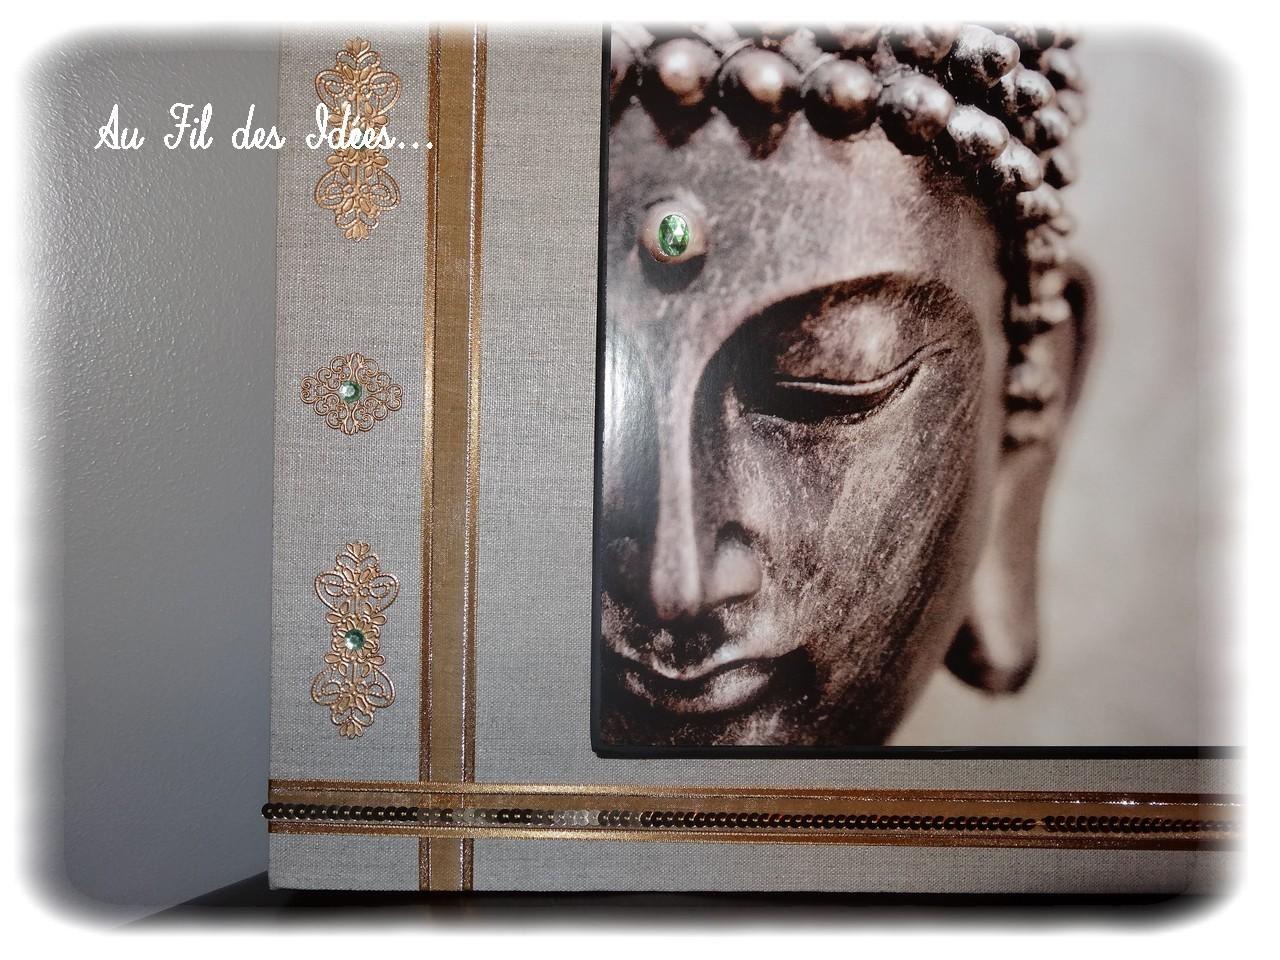 Tableau grand format re-customisé - Créa décembre 2012